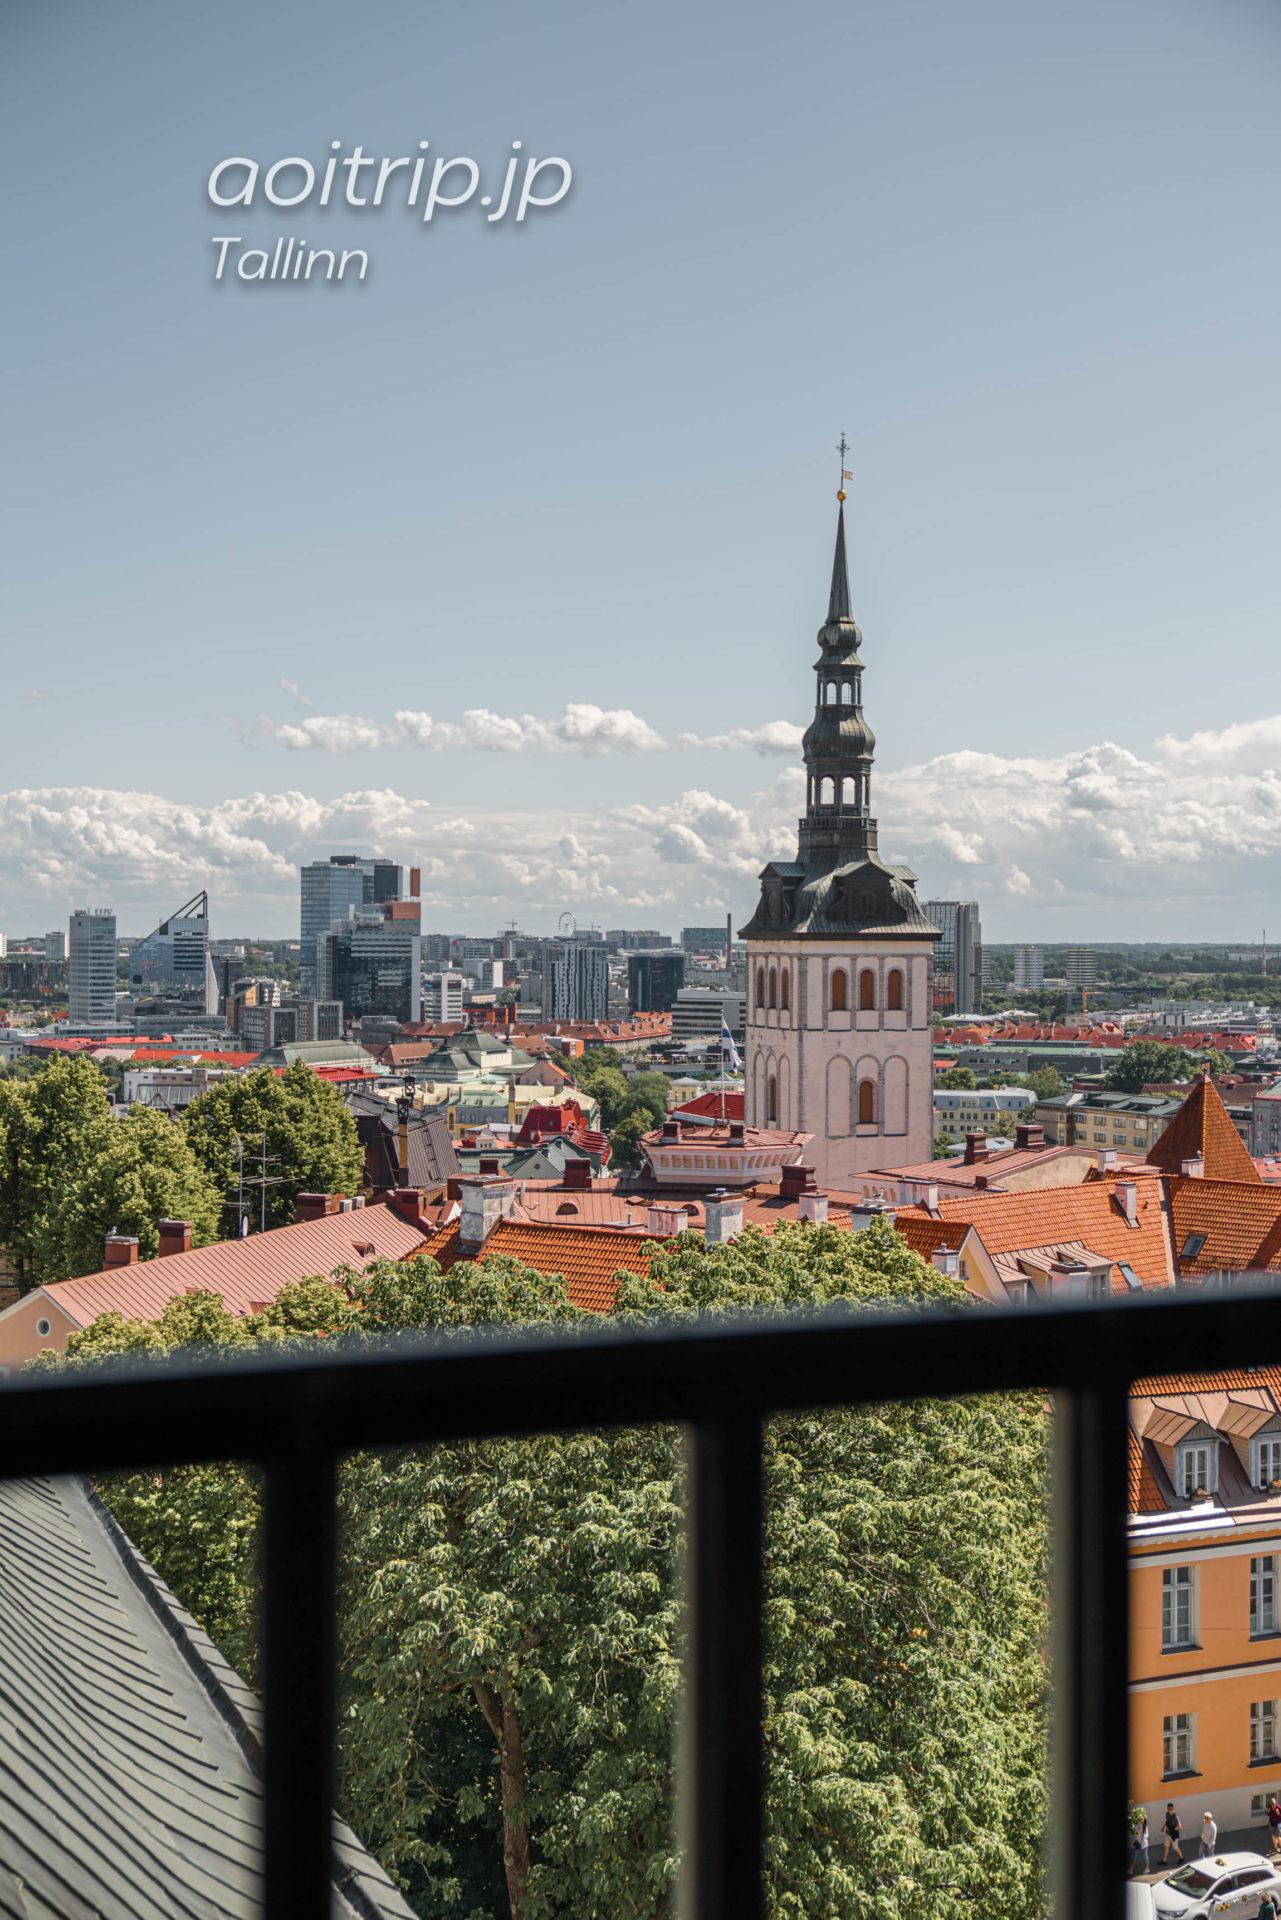 タリン聖母マリア大聖堂 鐘楼から望む聖ニコラス教会